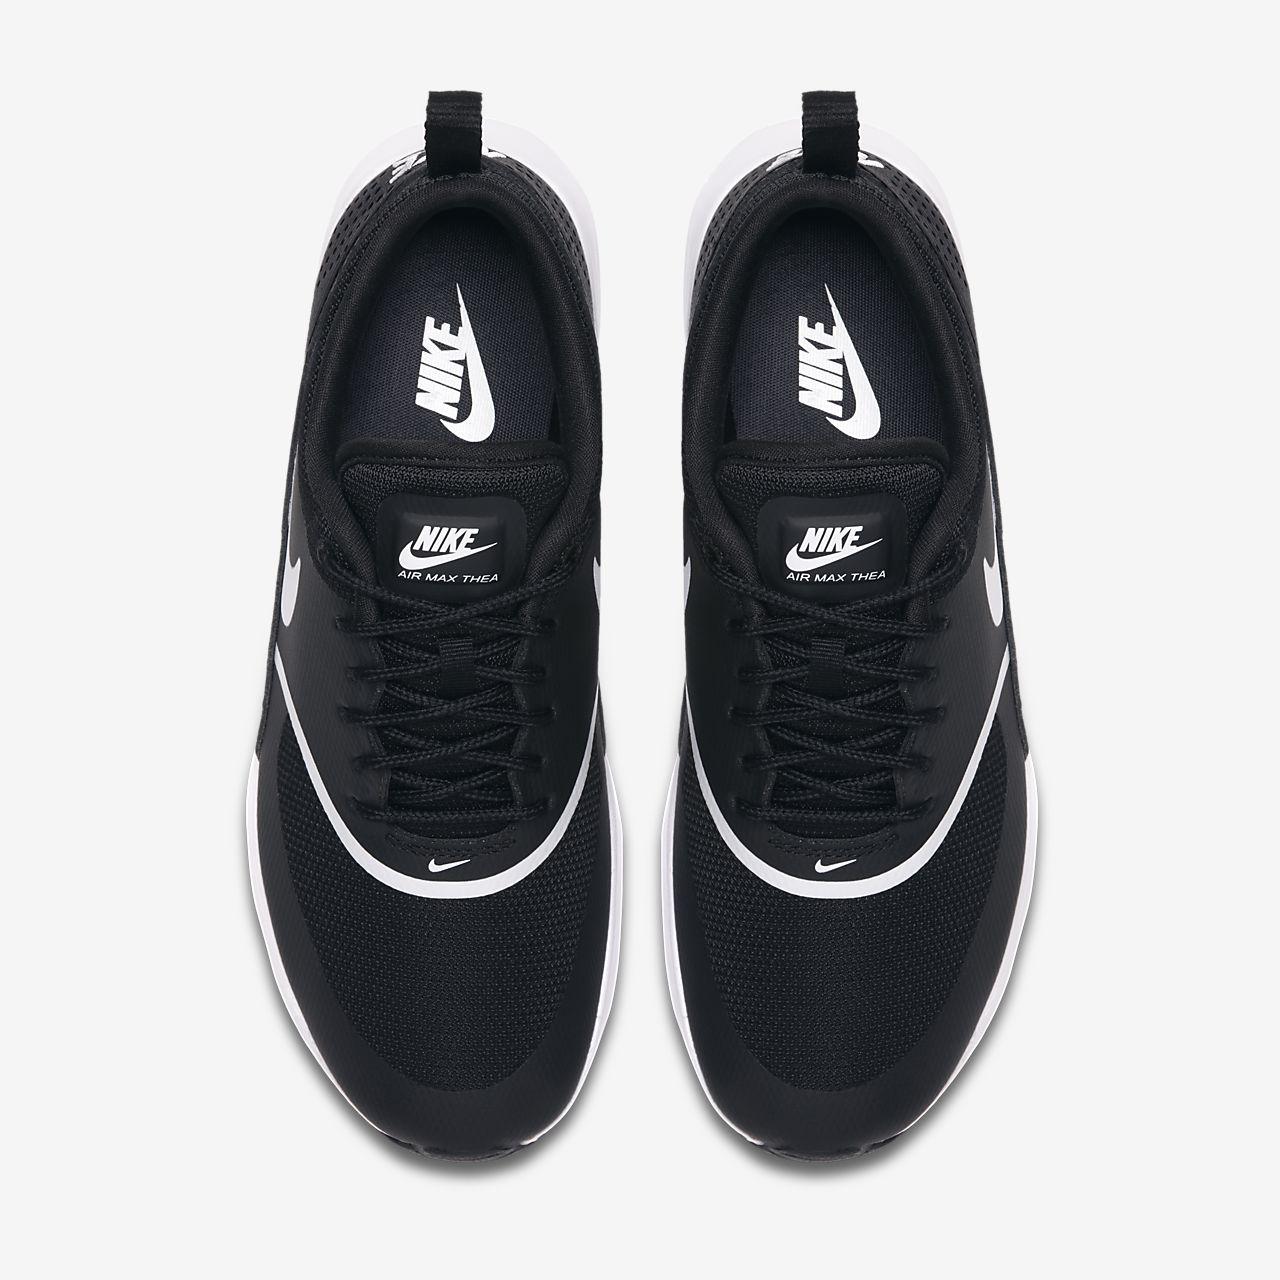 best service 74a36 6c56a ... Calzado para mujer Nike Air Max Thea